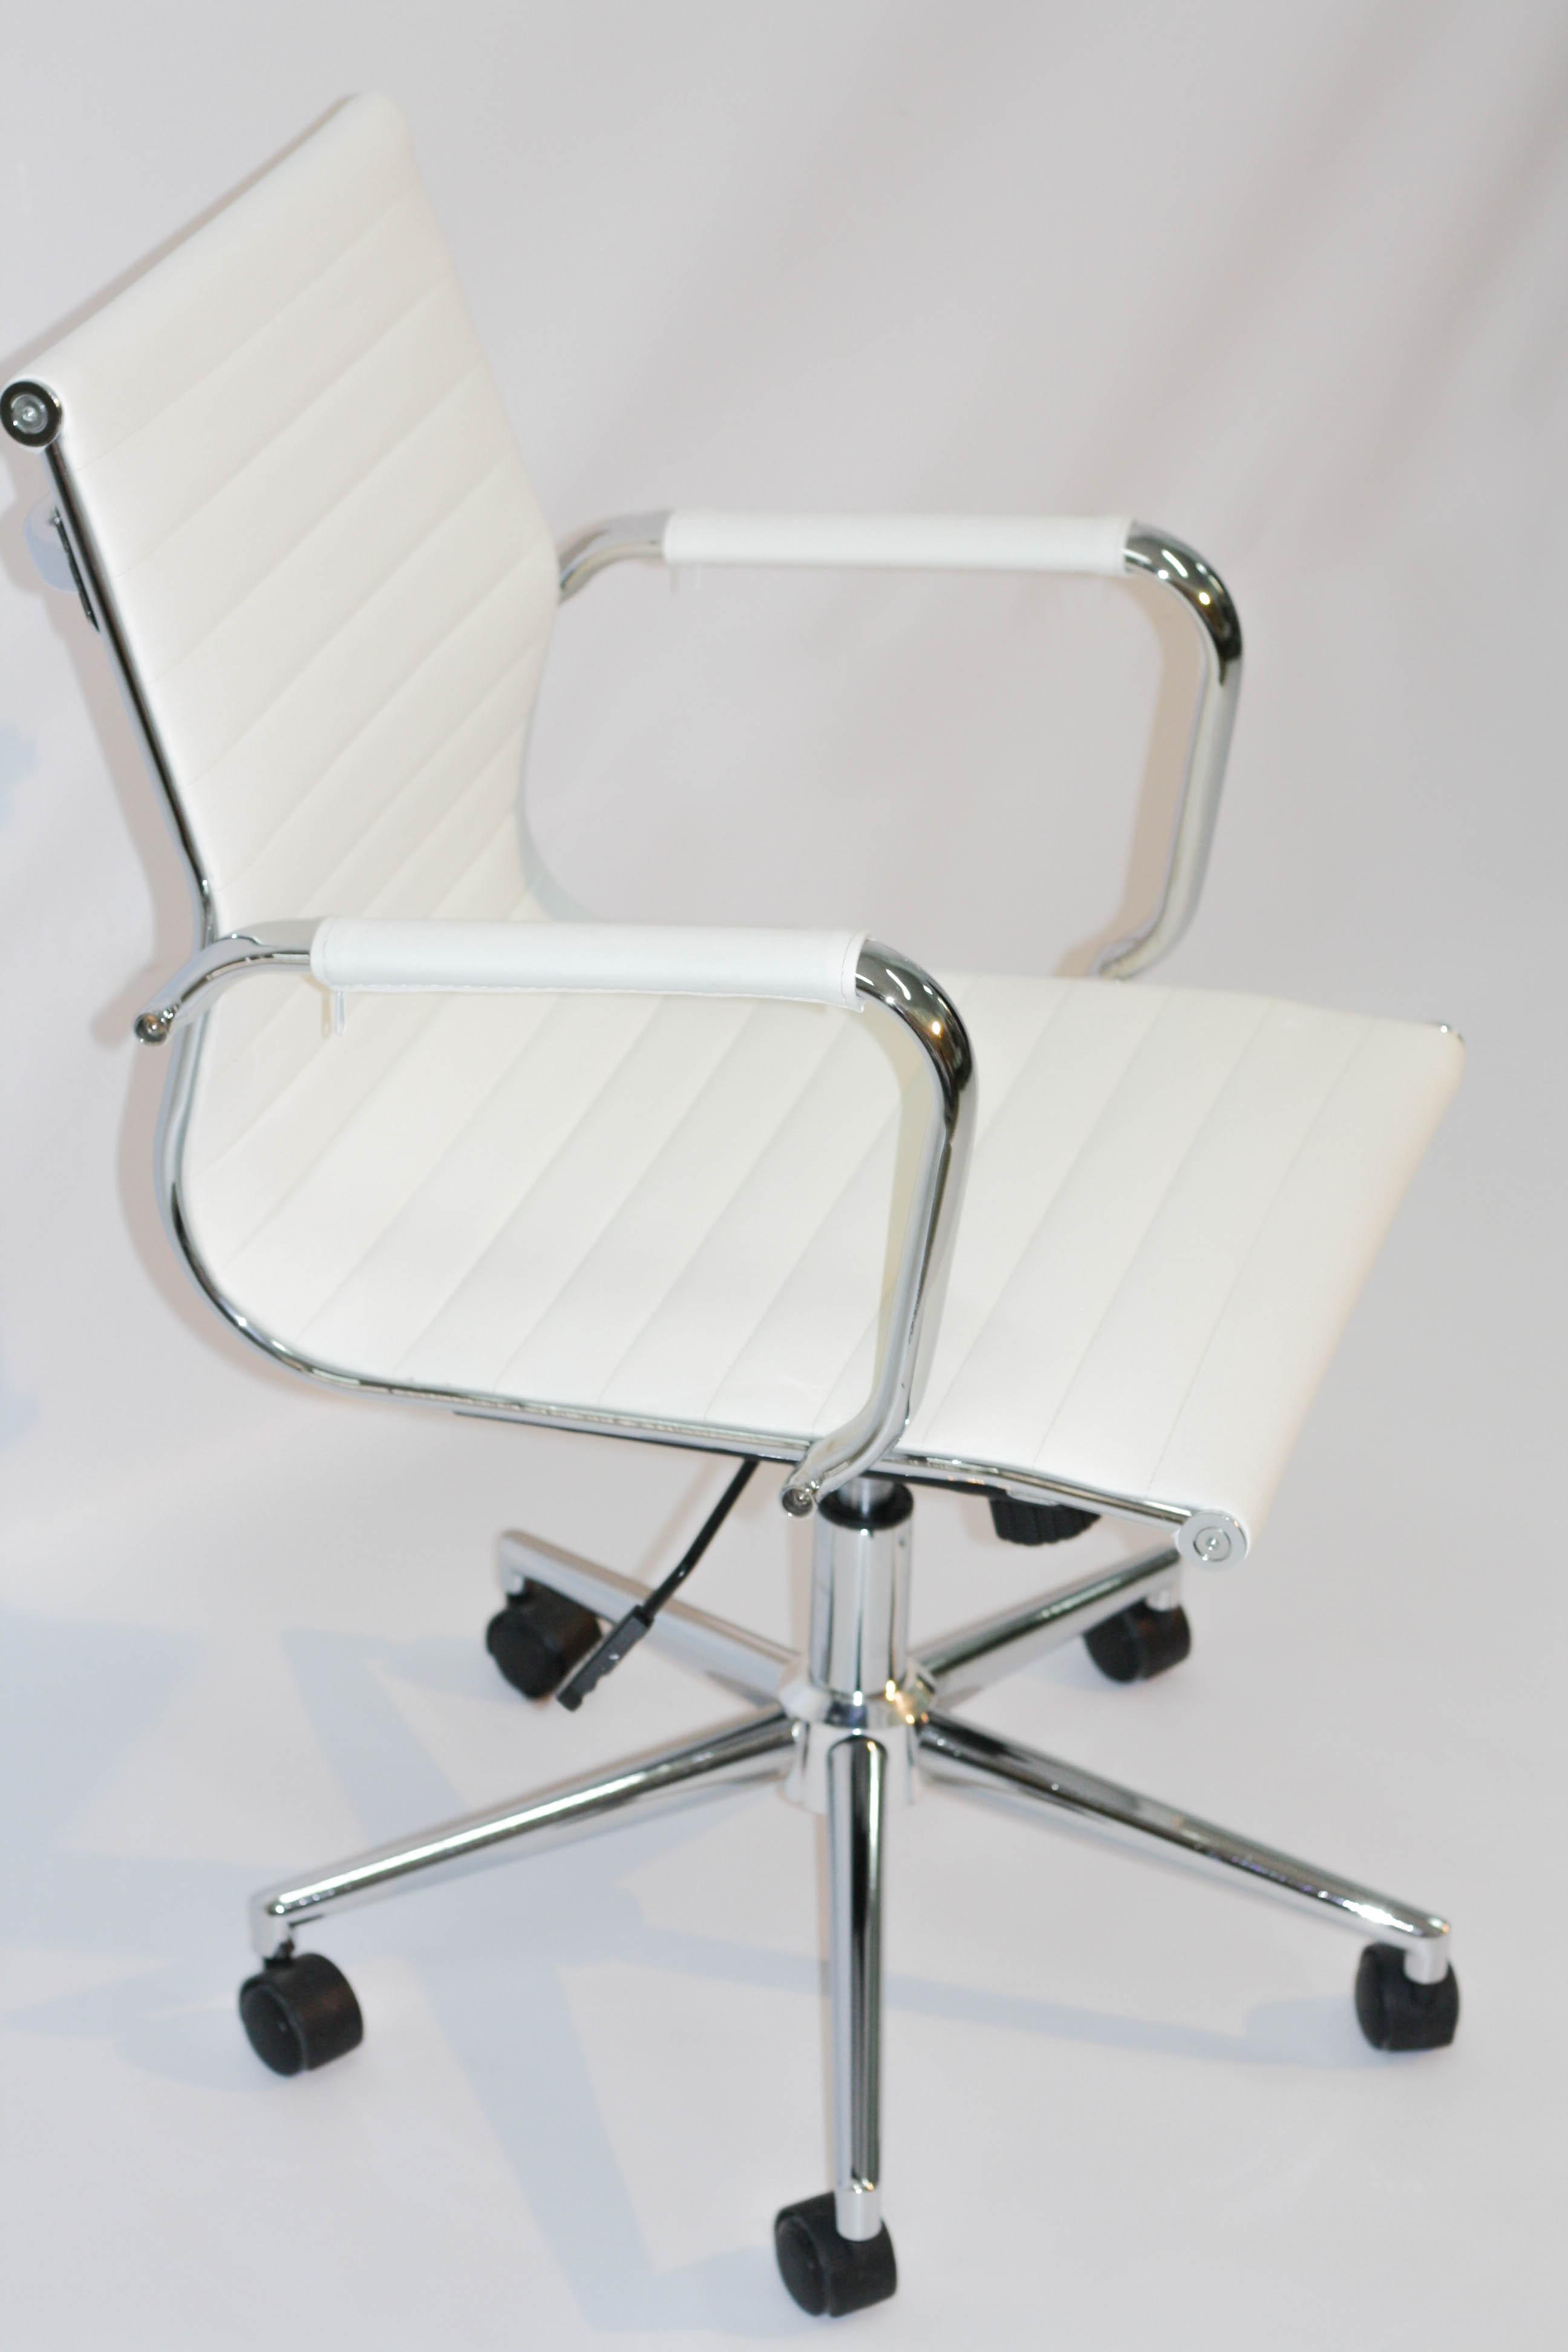 Alquiler mesas y sillas barcelona 49530 mesas ideas for Sillas para ferias